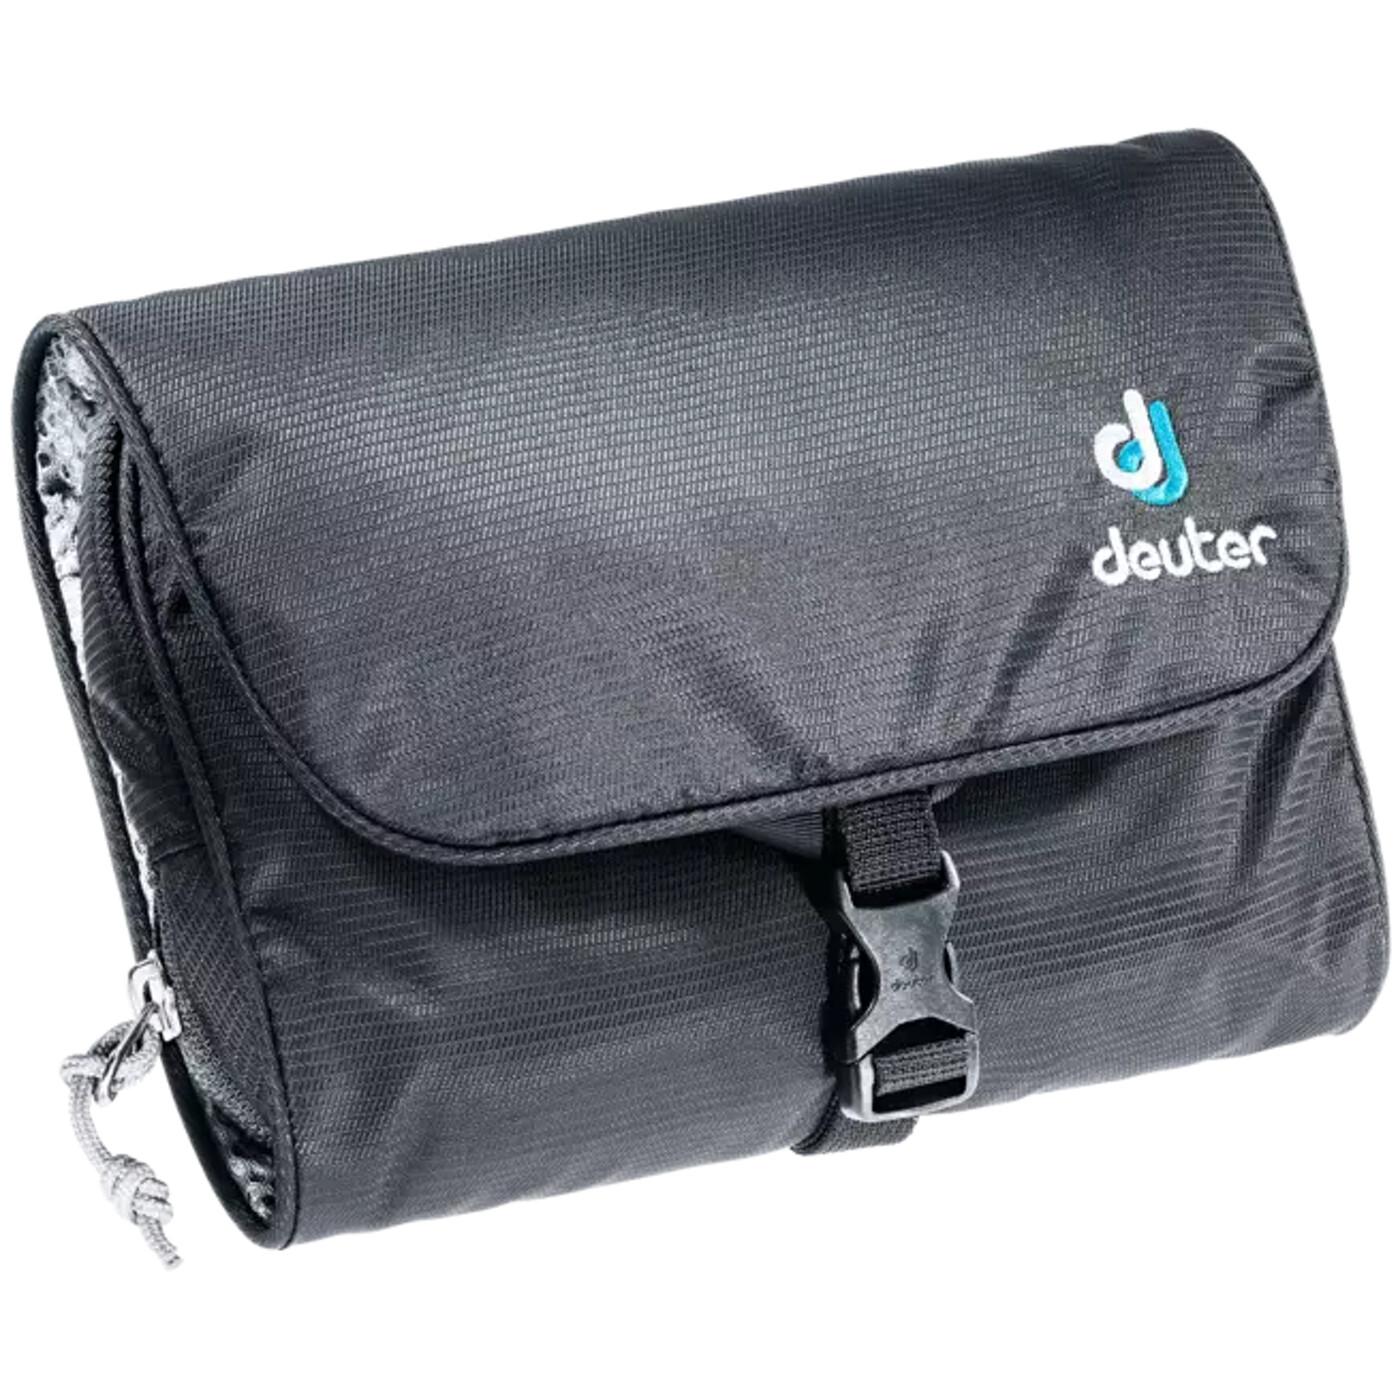 DEUTER Kulturbeutel Wash Bag I